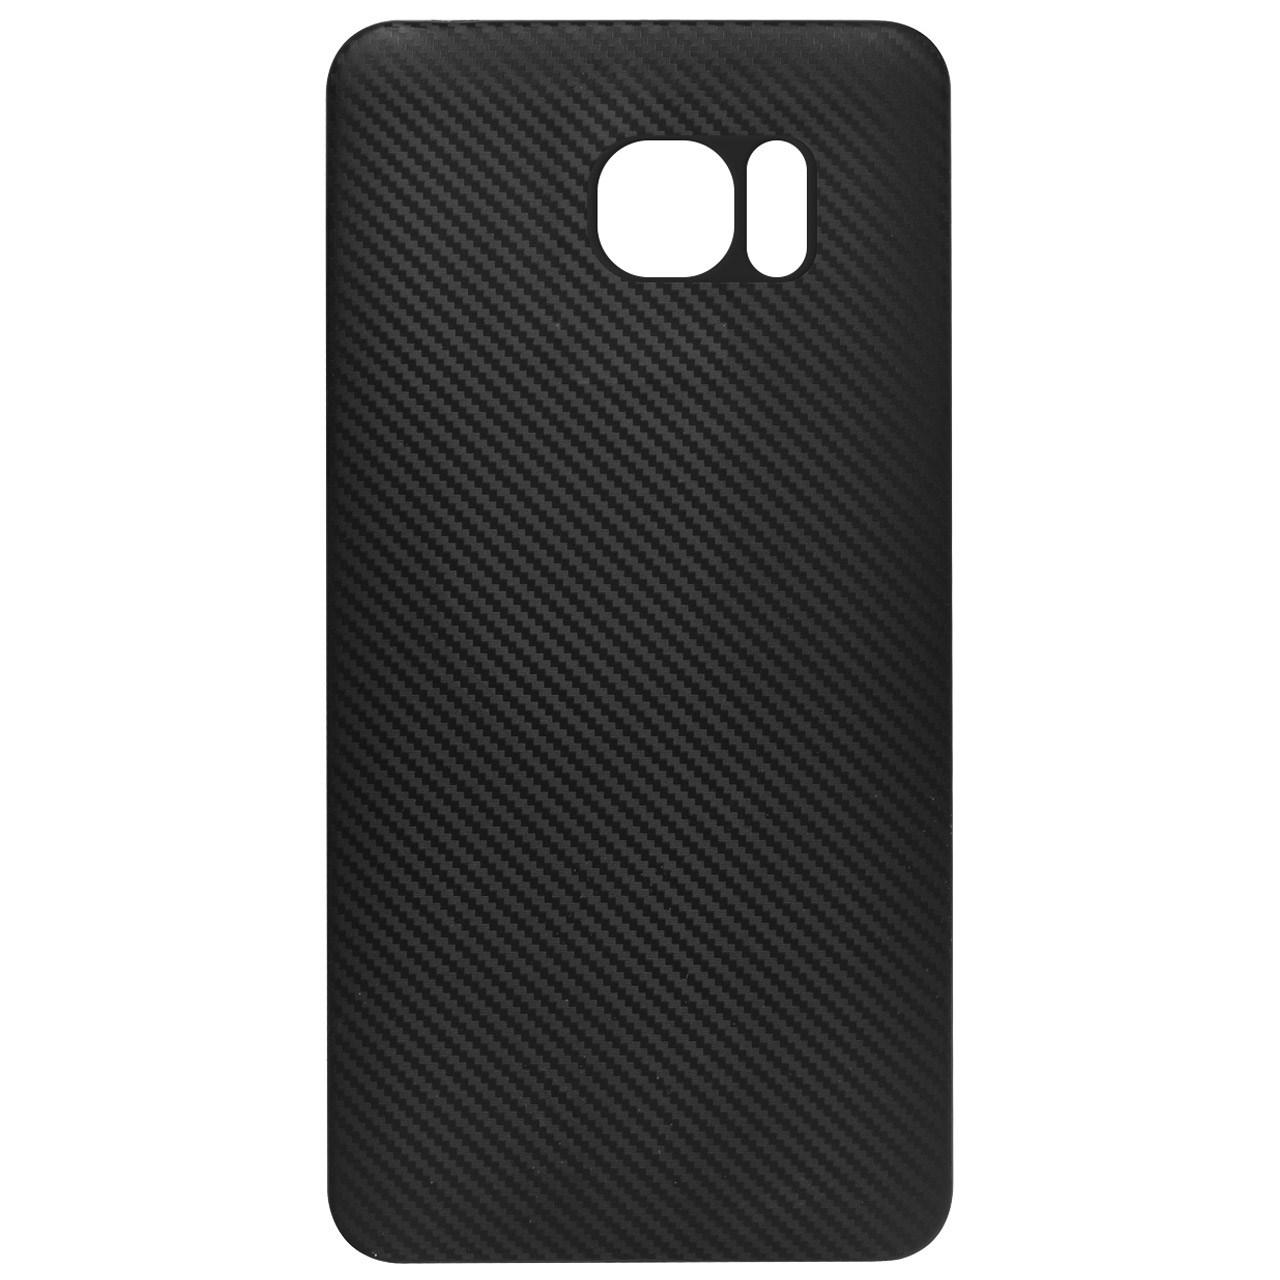 کاور هایمن مدل Soft Carbon Design مناسب برای گوشی موبایل سامسونگ Galaxy S7 Edge